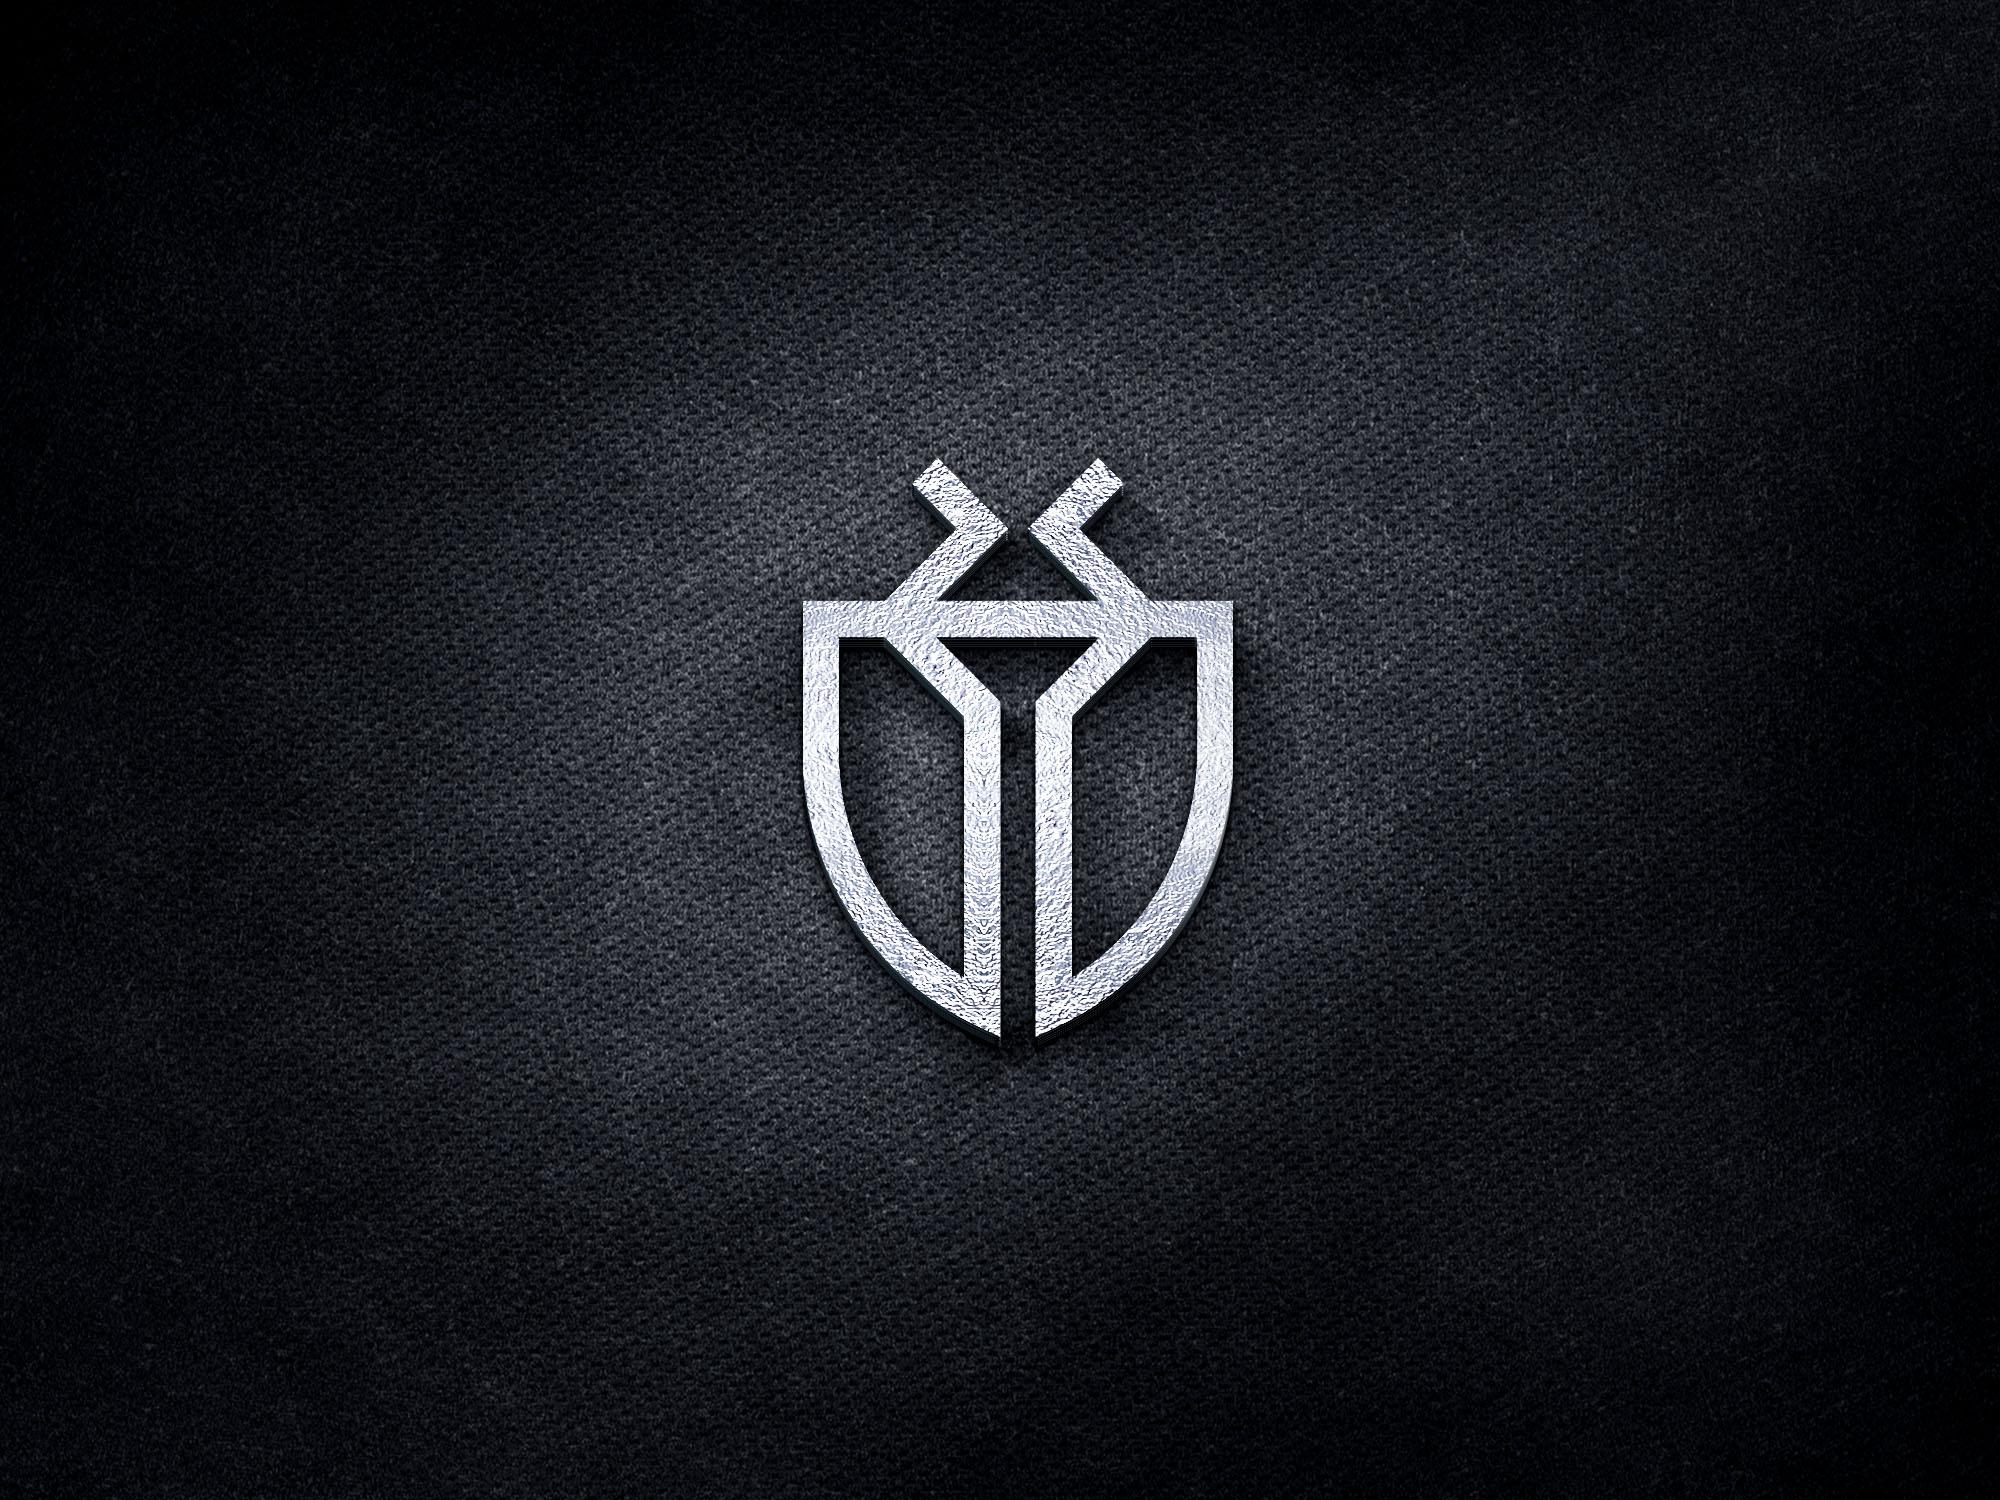 Нужен логотип (эмблема) для самодельного квадроцикла фото f_4145afc95847a9da.jpg